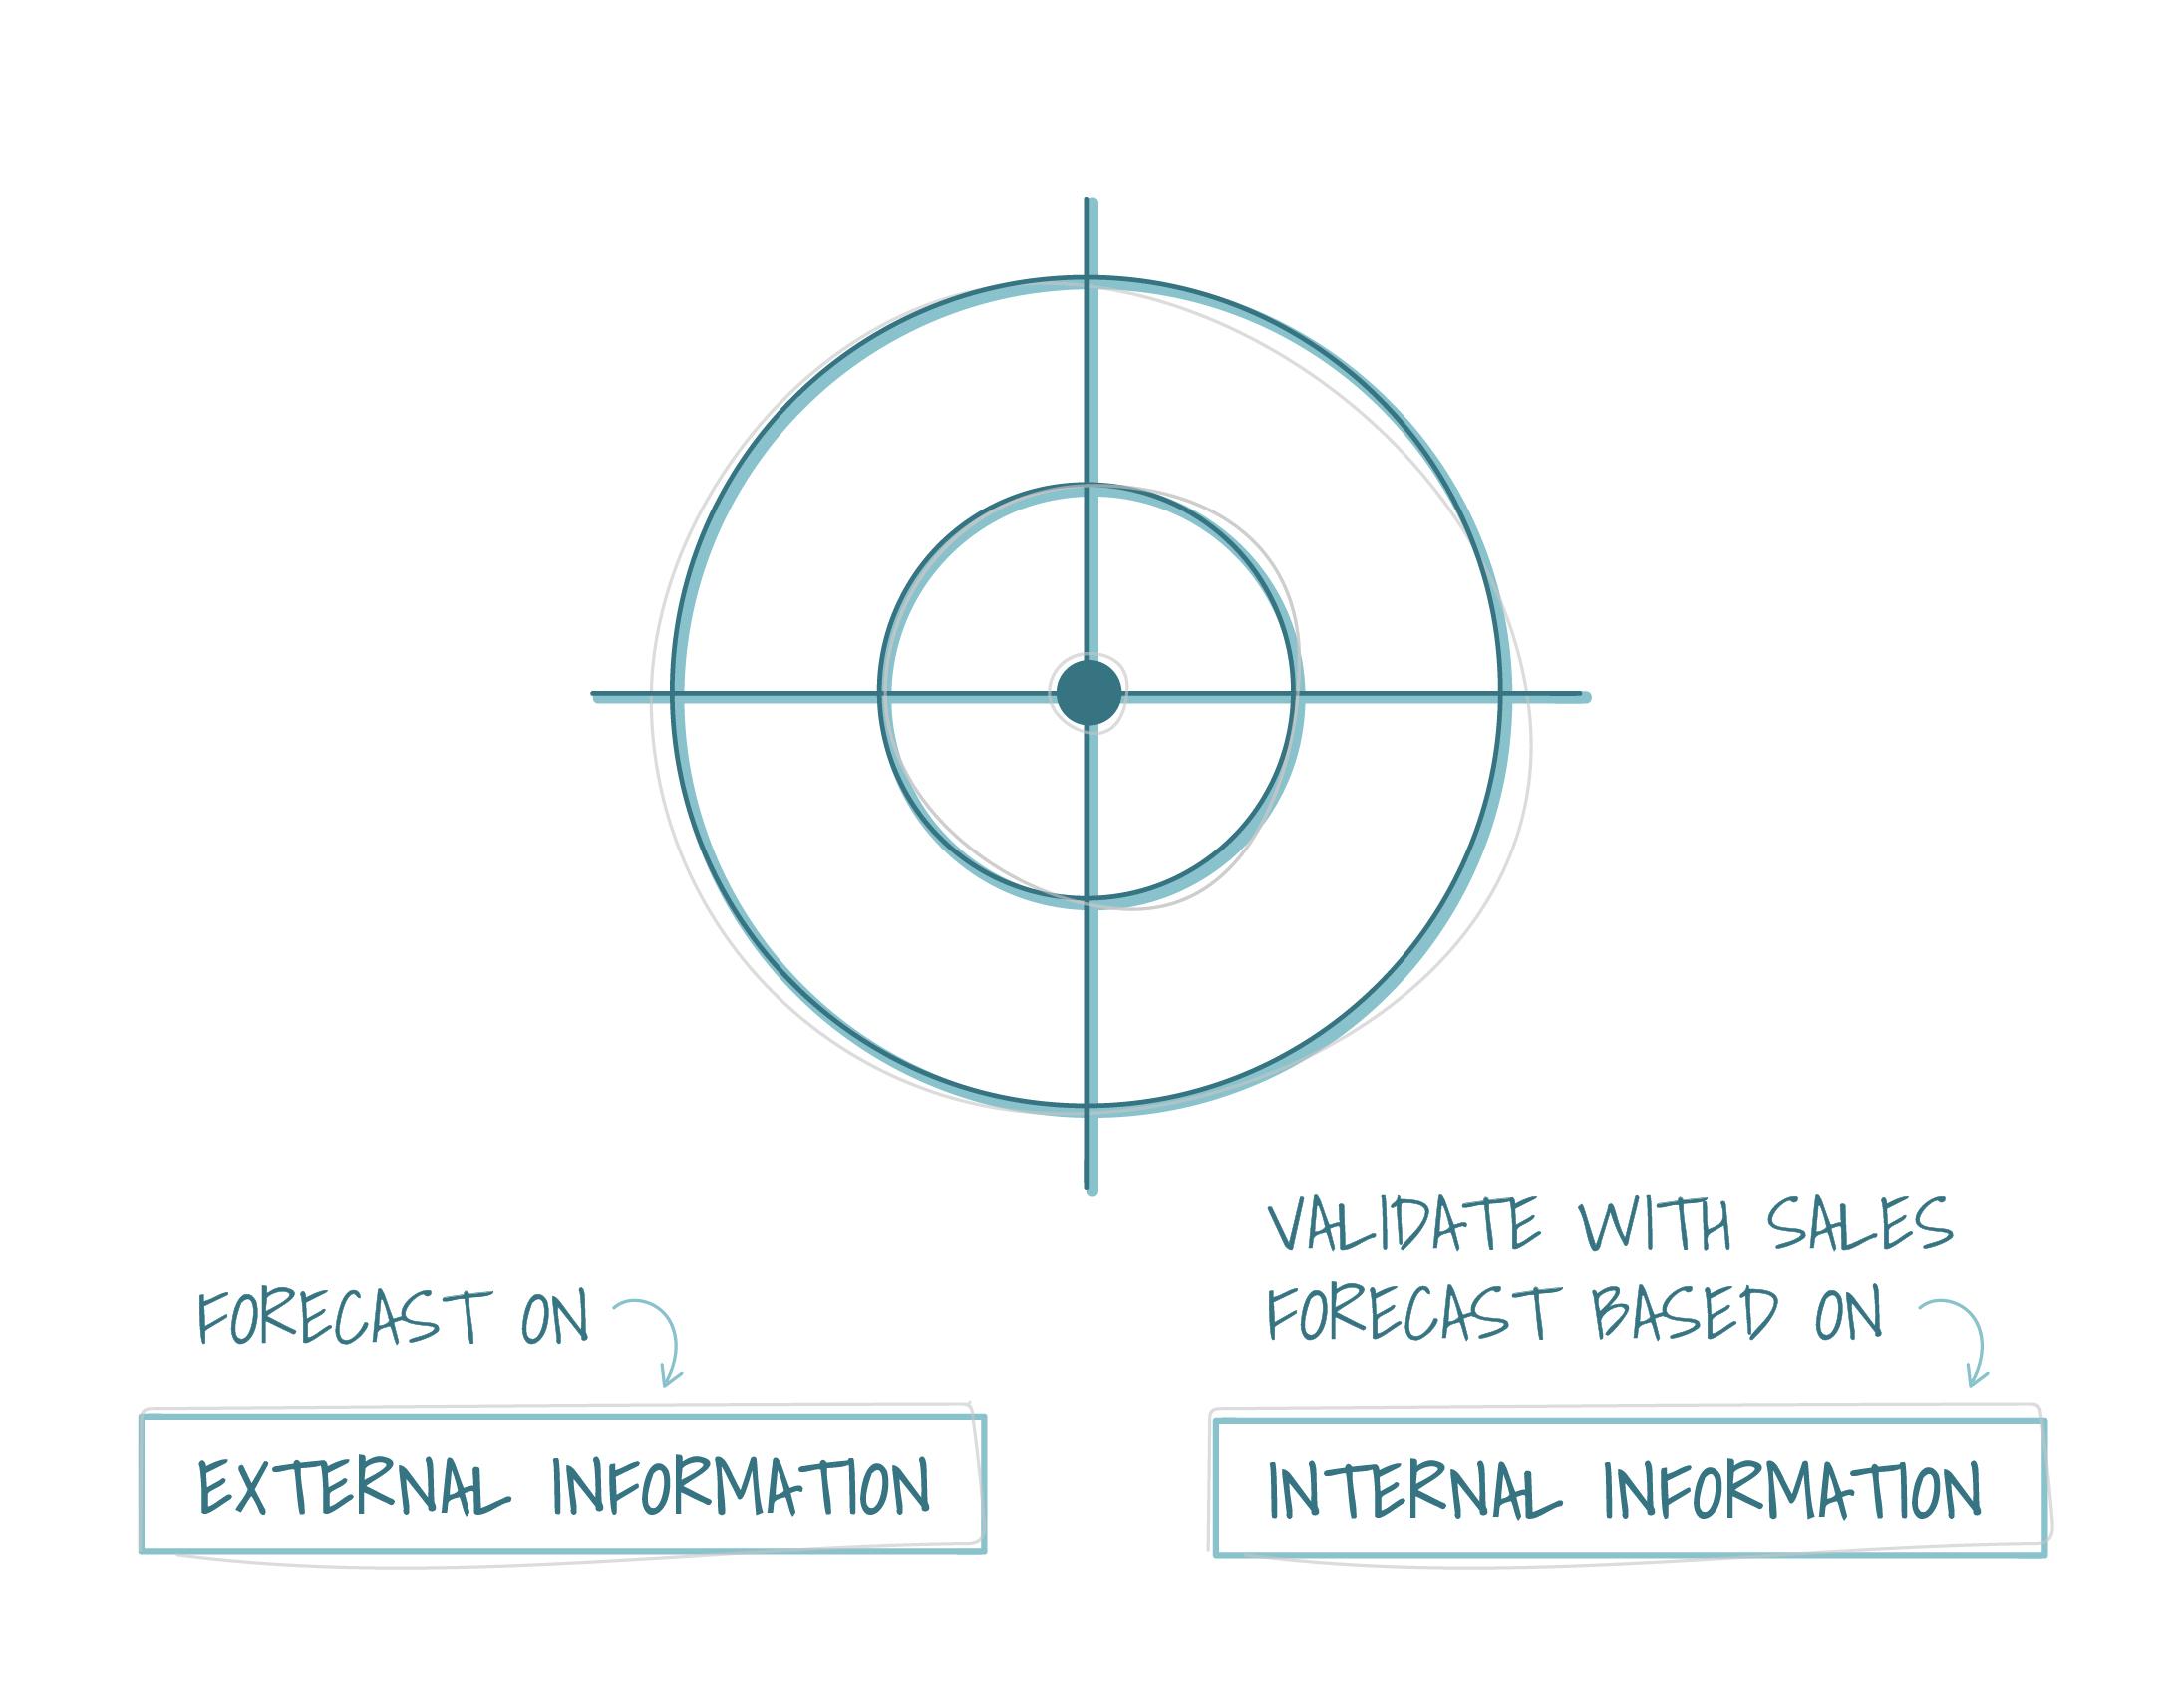 External and internal information